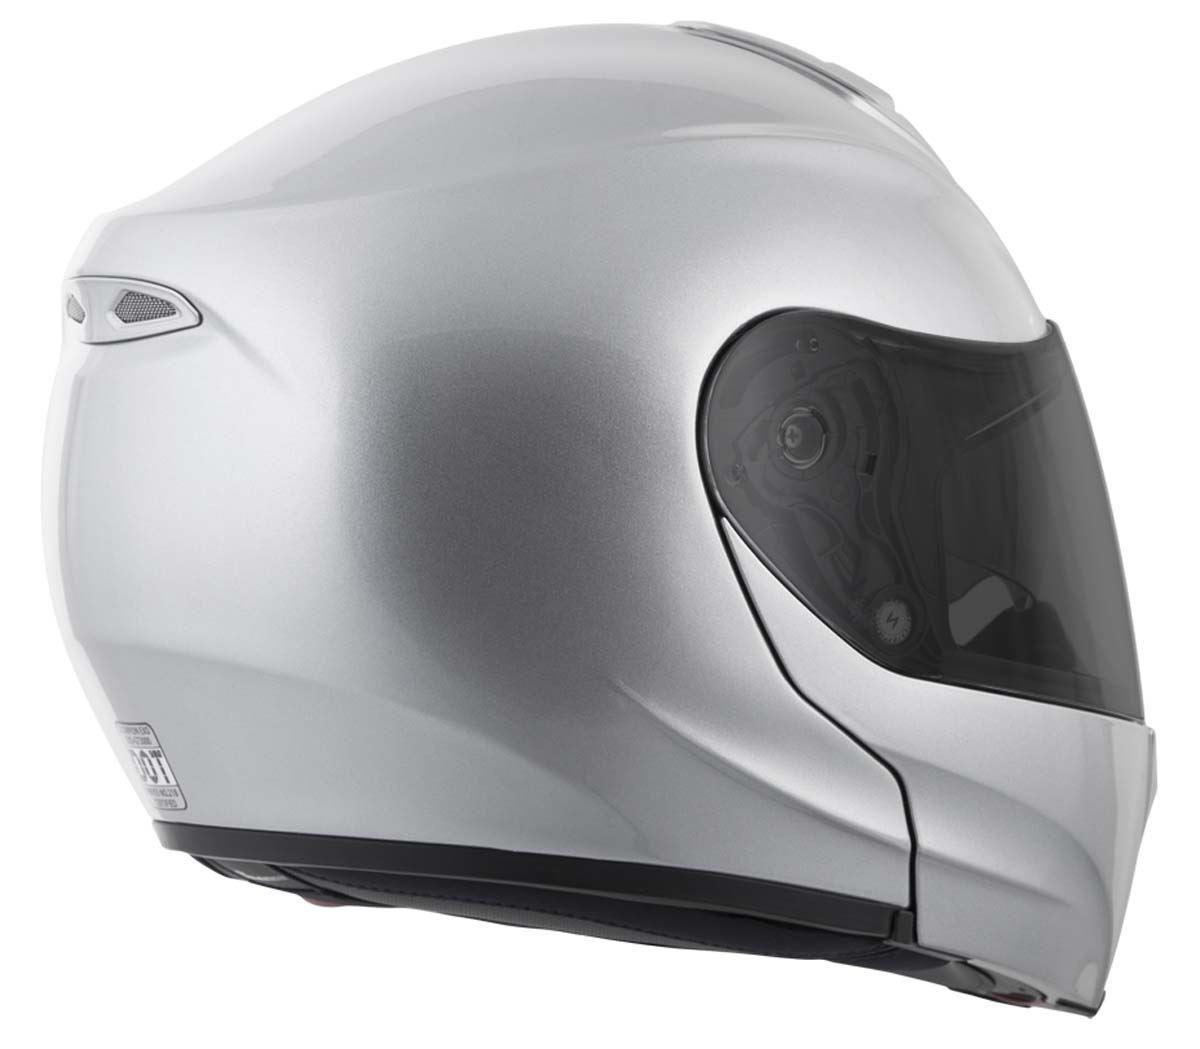 Scorpion-EXO-GT3000-Helmet-Modular-Flip-Up-Premium-DOT-Approved-XS-2XL miniature 15